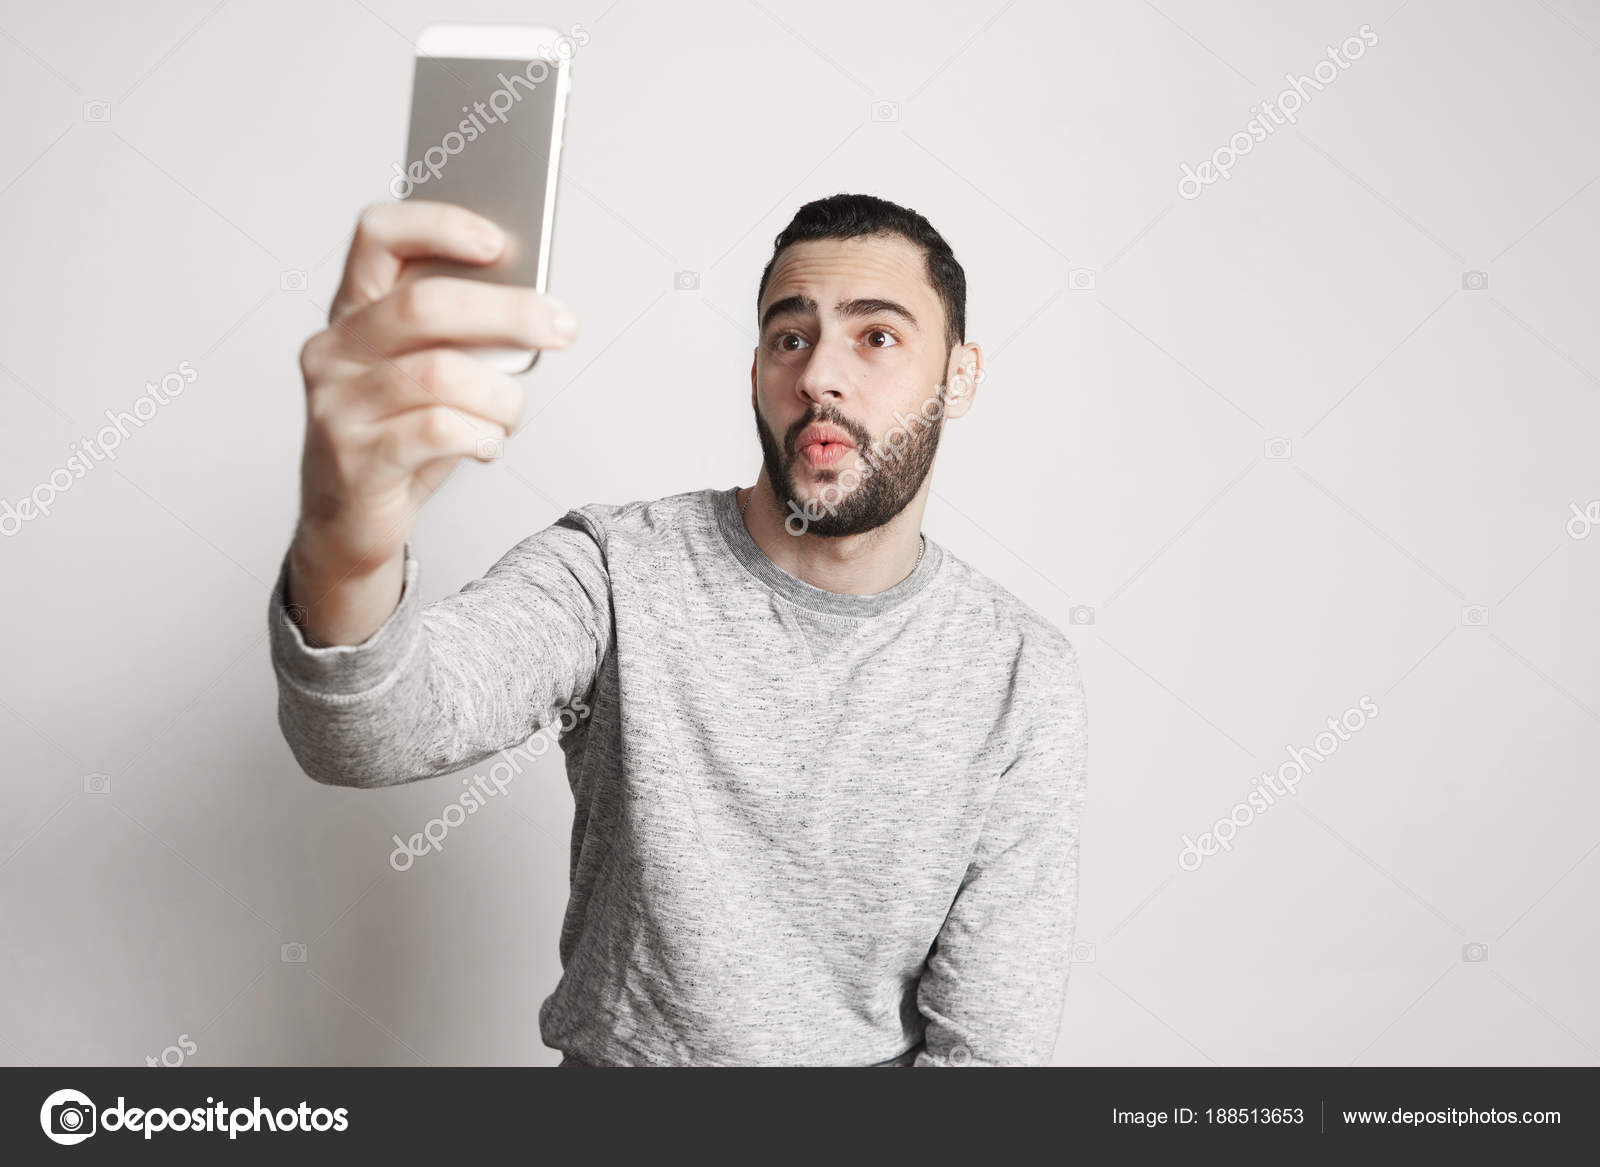 selfie handsome guy